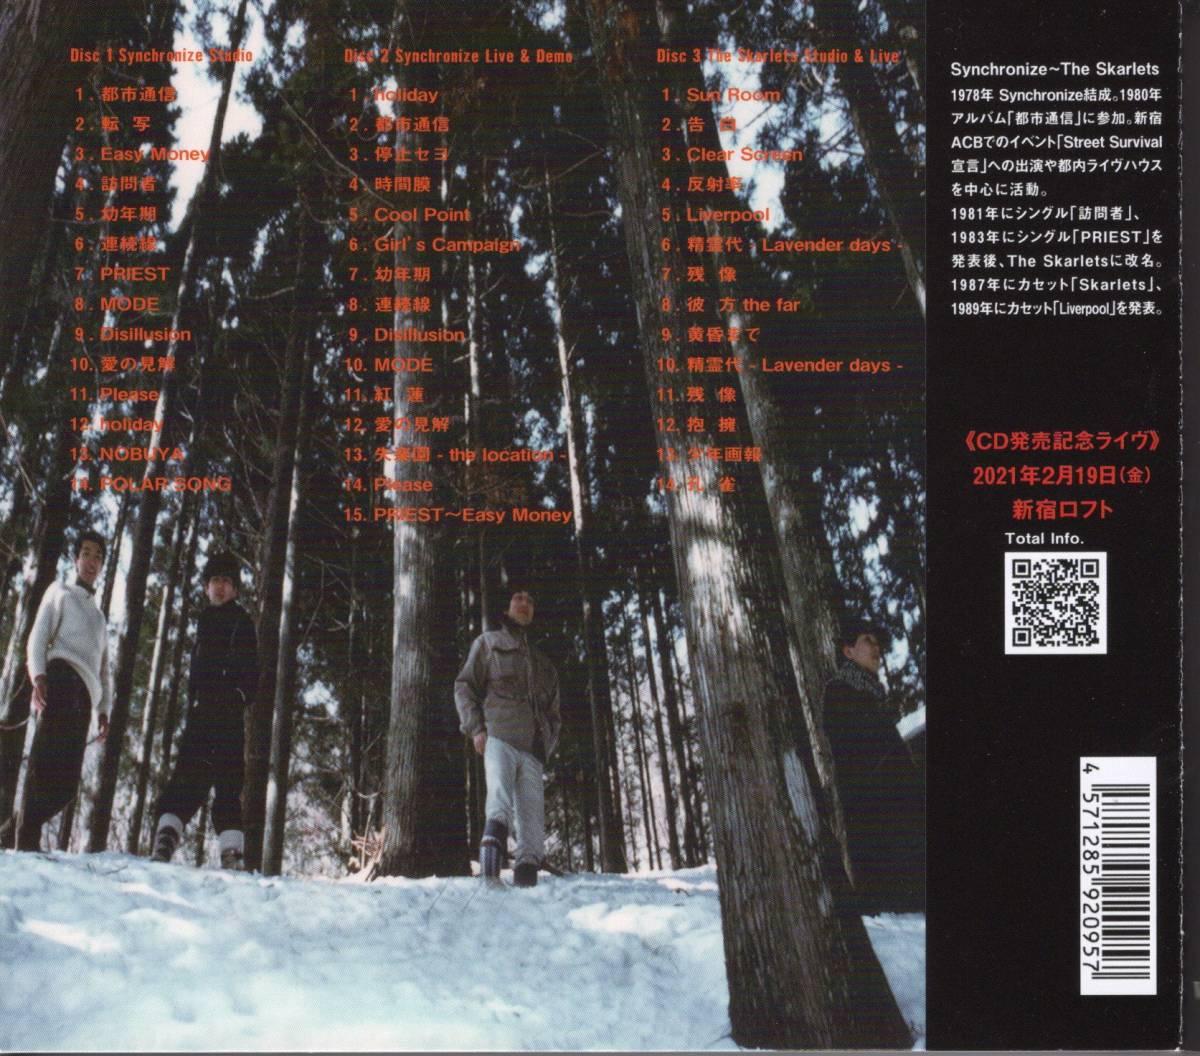 即決3CD+7inch シンクロナイズ、ザ・スカーレッツ/An afterimage- Synchronize to The Skarlets _画像2